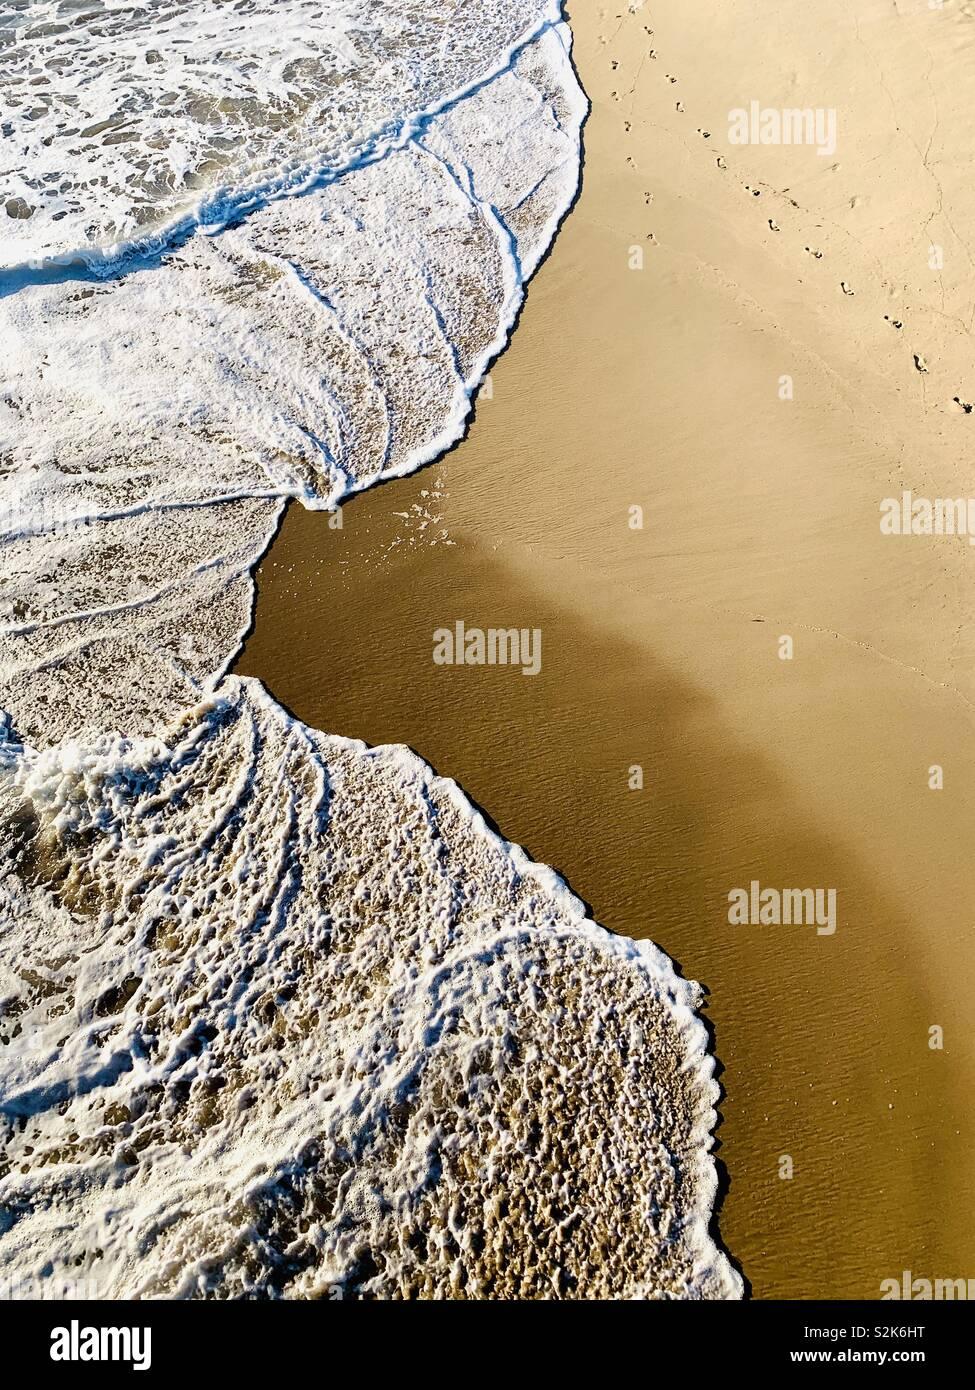 Huellas en la arena a la orilla del mar. Manhattan Beach, California, EE.UU. Imagen De Stock